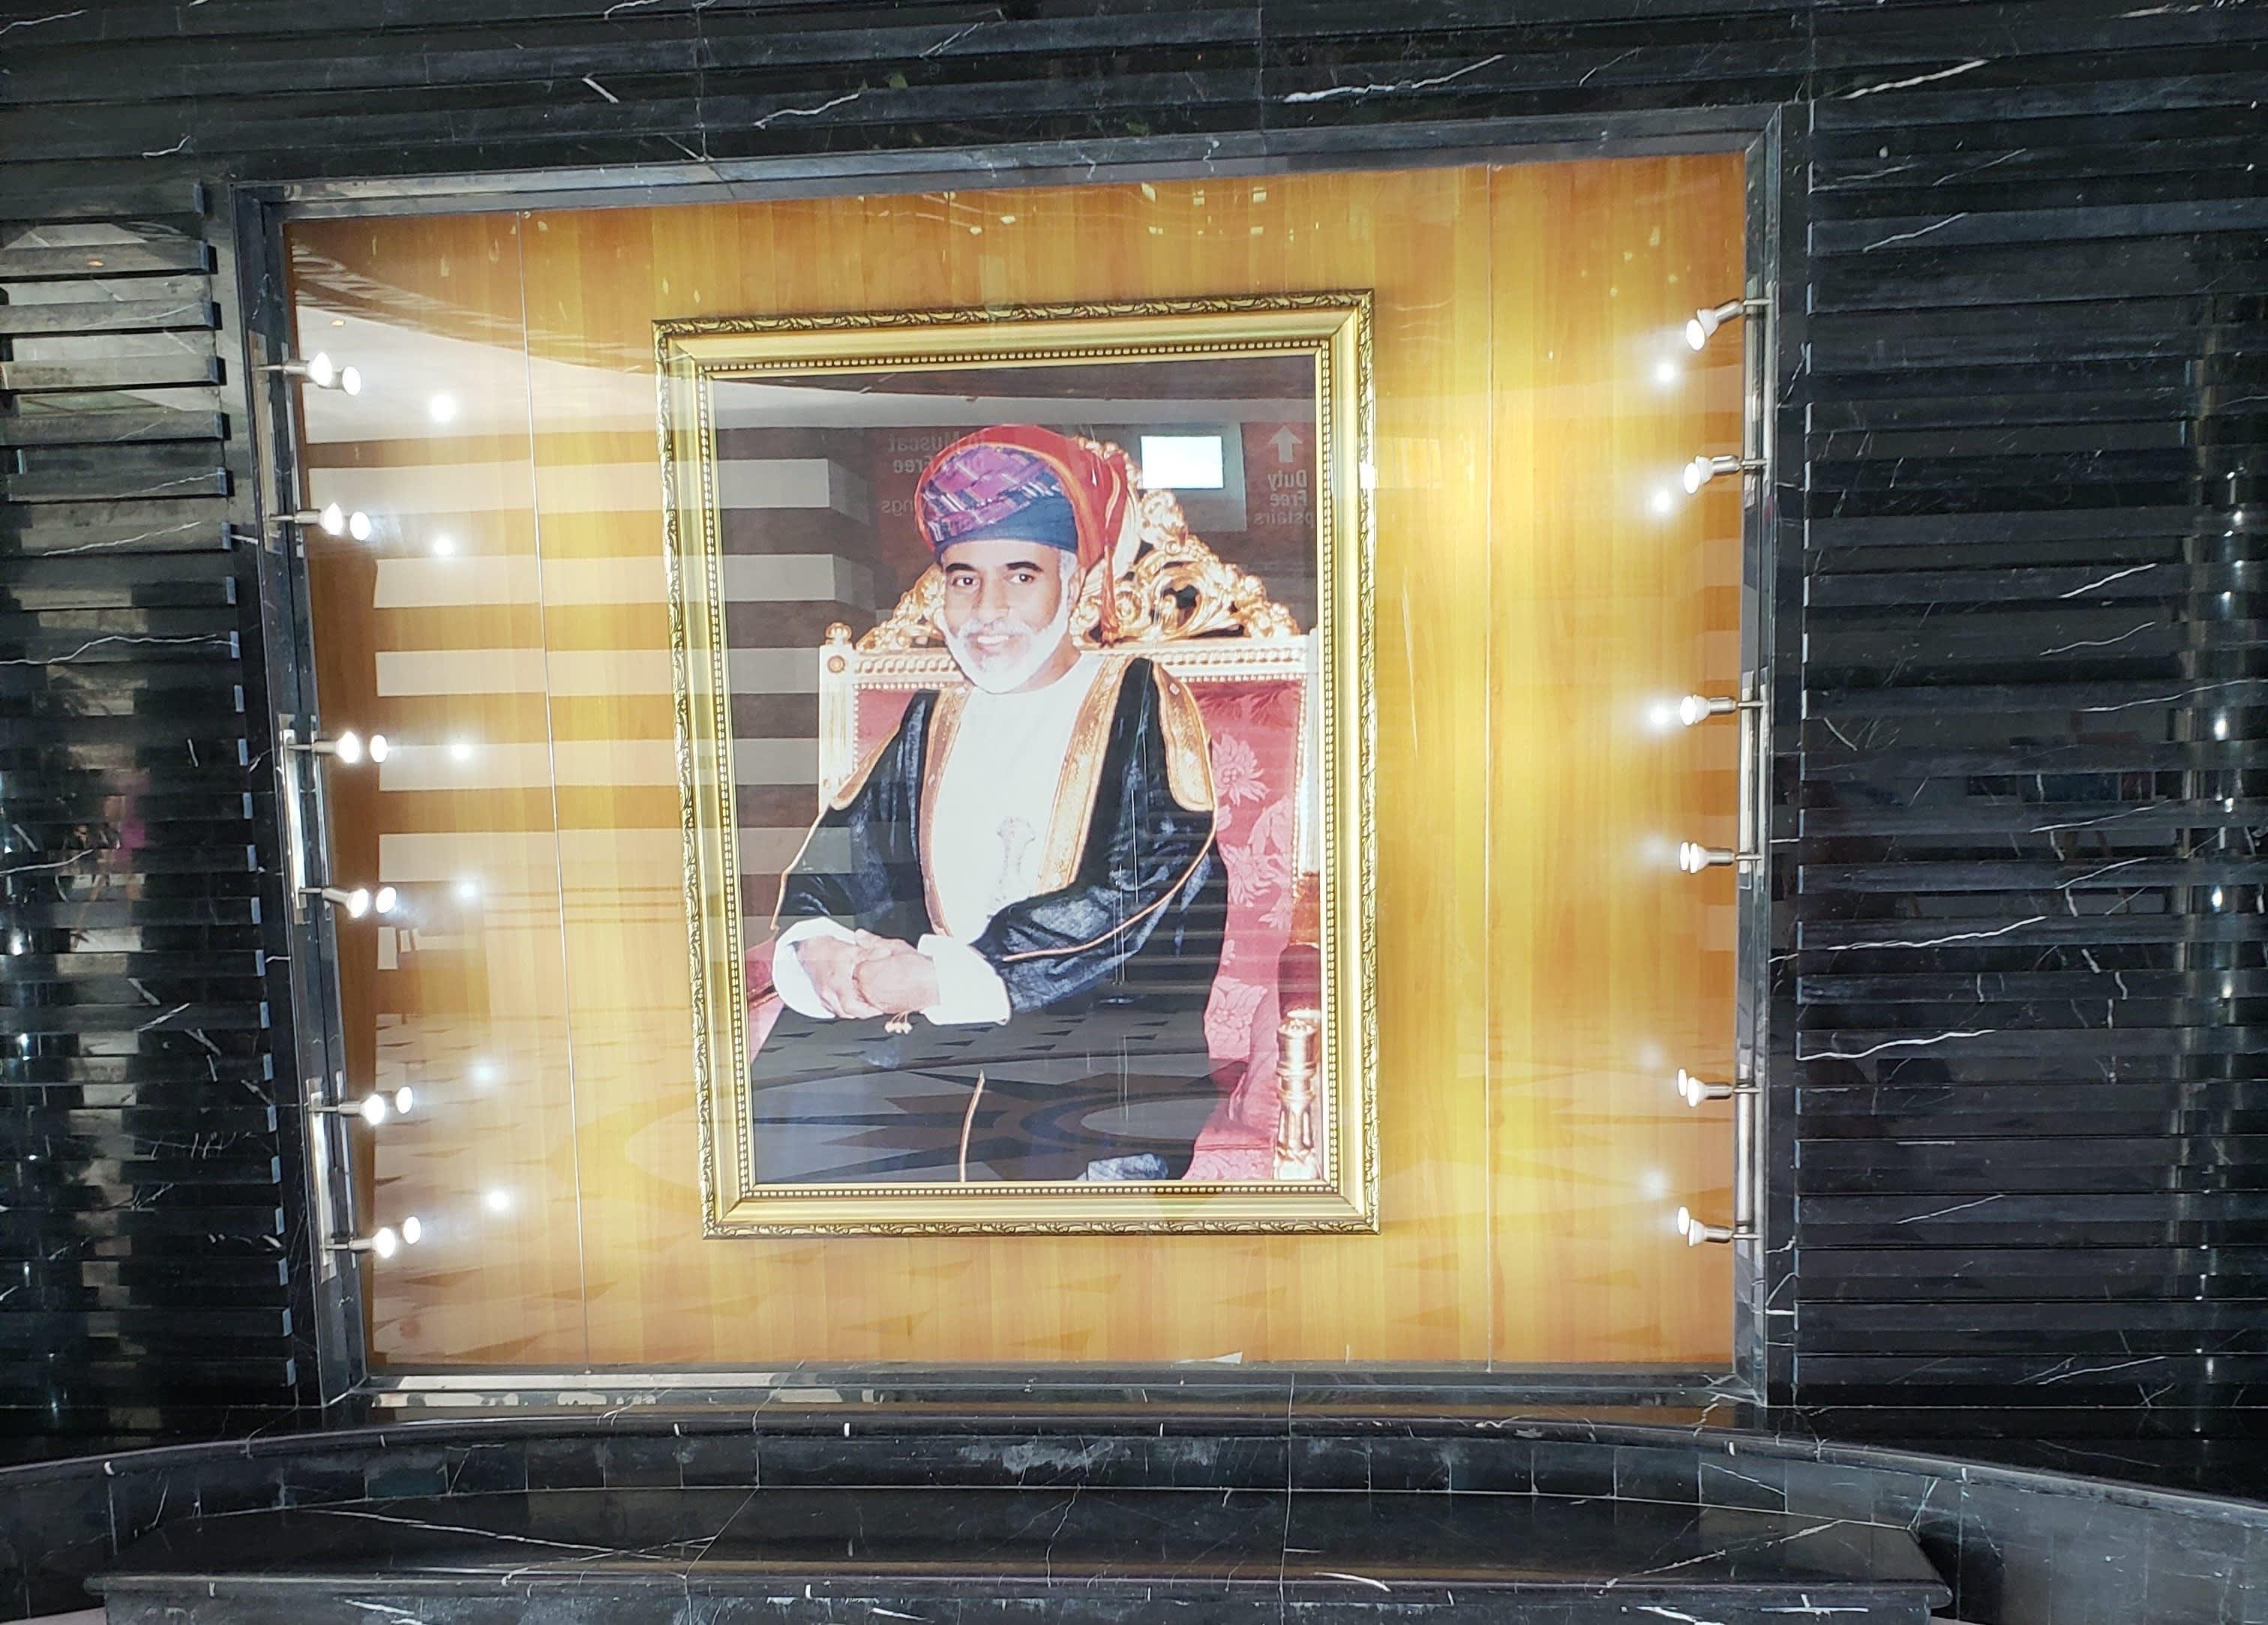 プルマントゥール・ホライズン乗船記−【寄港地観光編】遠くて近いオマーンとアブダビ、フジャイラでお茶を(2)